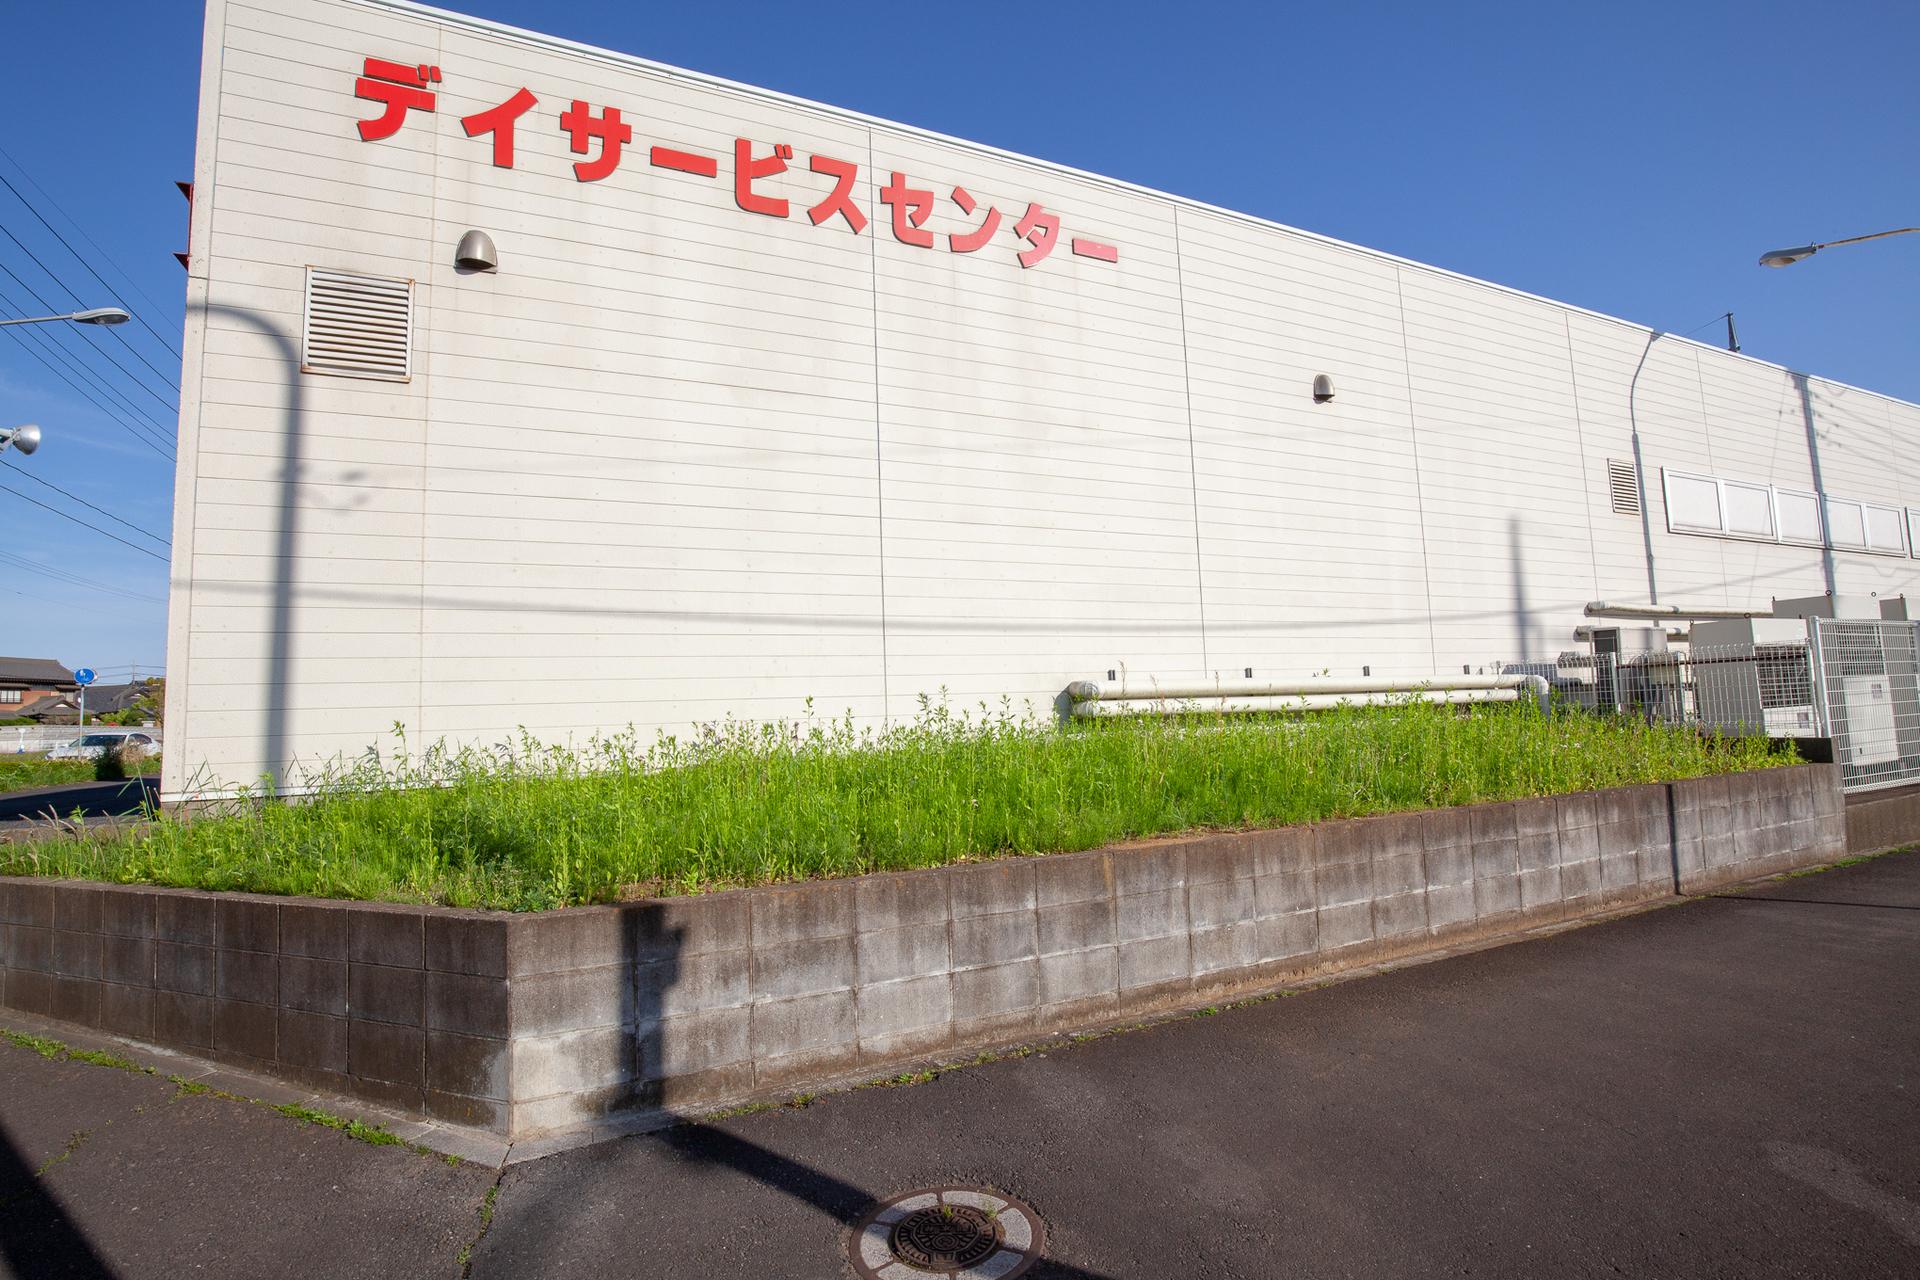 f:id:akichiniiko:20190508165530j:plain